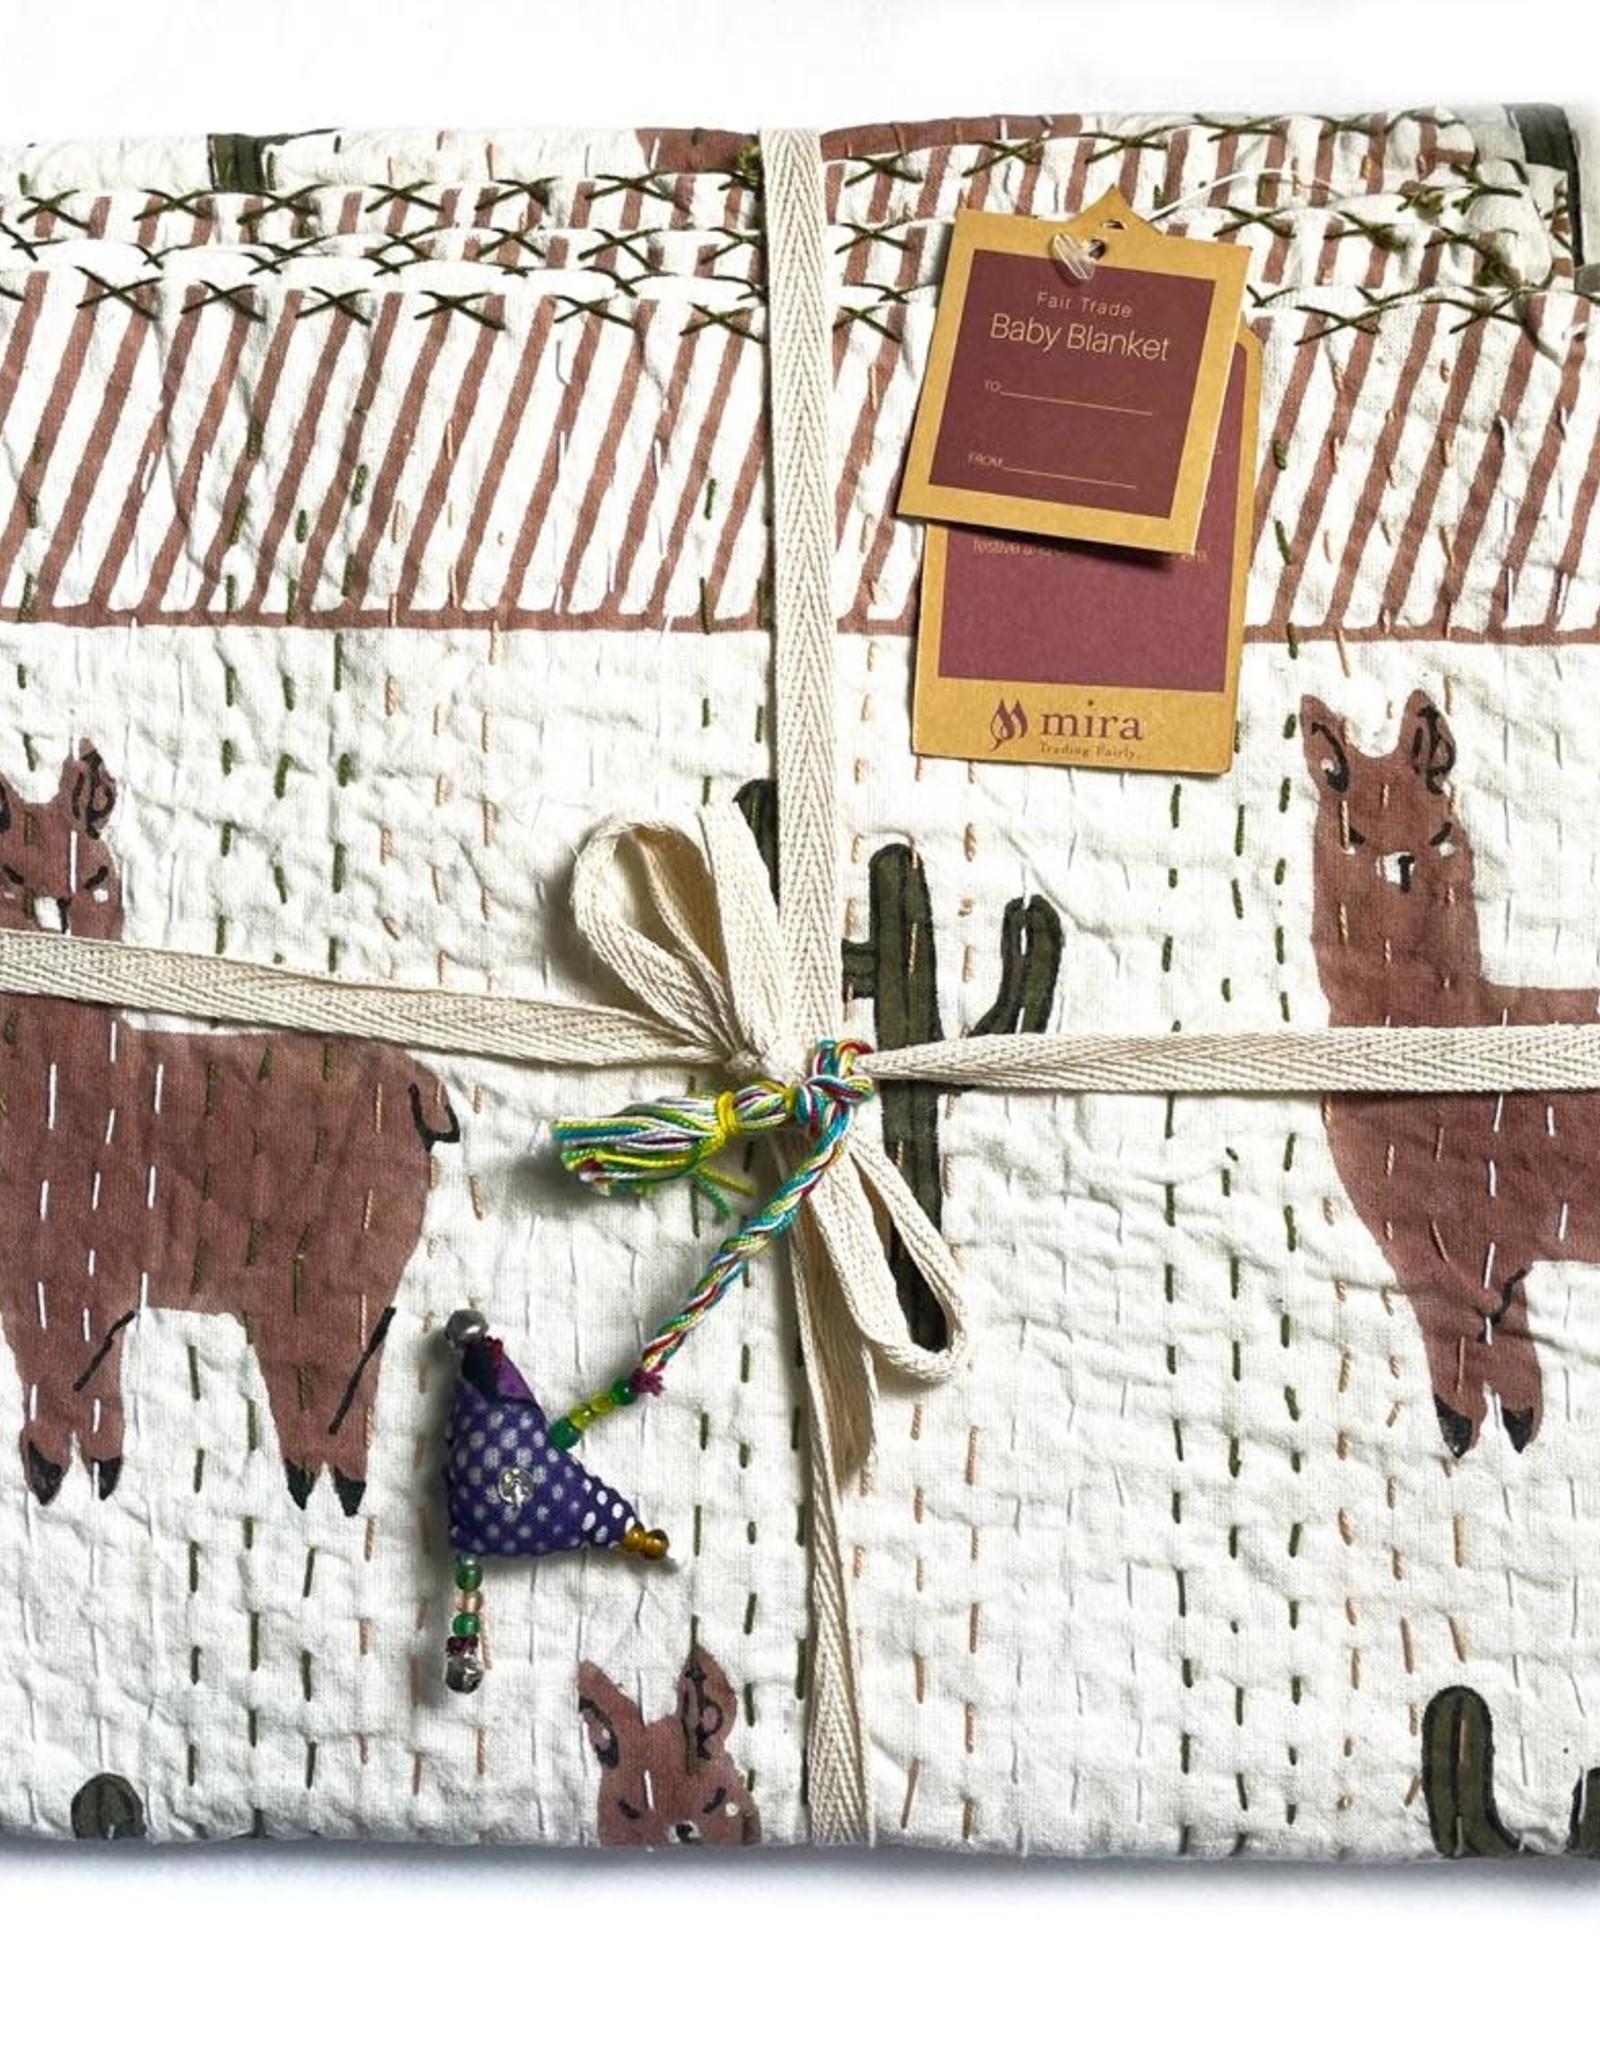 Mira Fair Trade Baby Block Printed Kantha Quilt - Llama Print